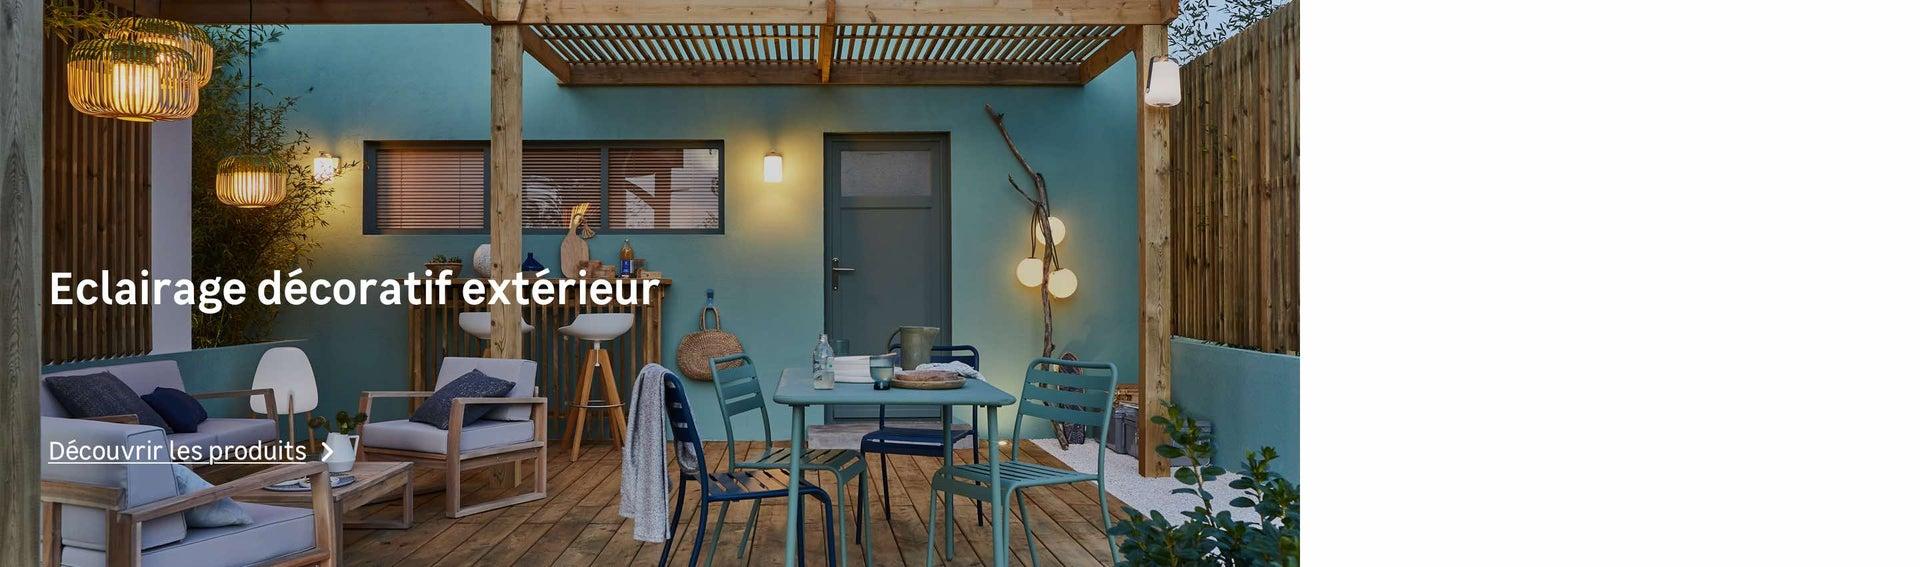 Eclairage De Terrasse Sur Pied eclairage extérieur, luminaire jardin, lampe led, solaire